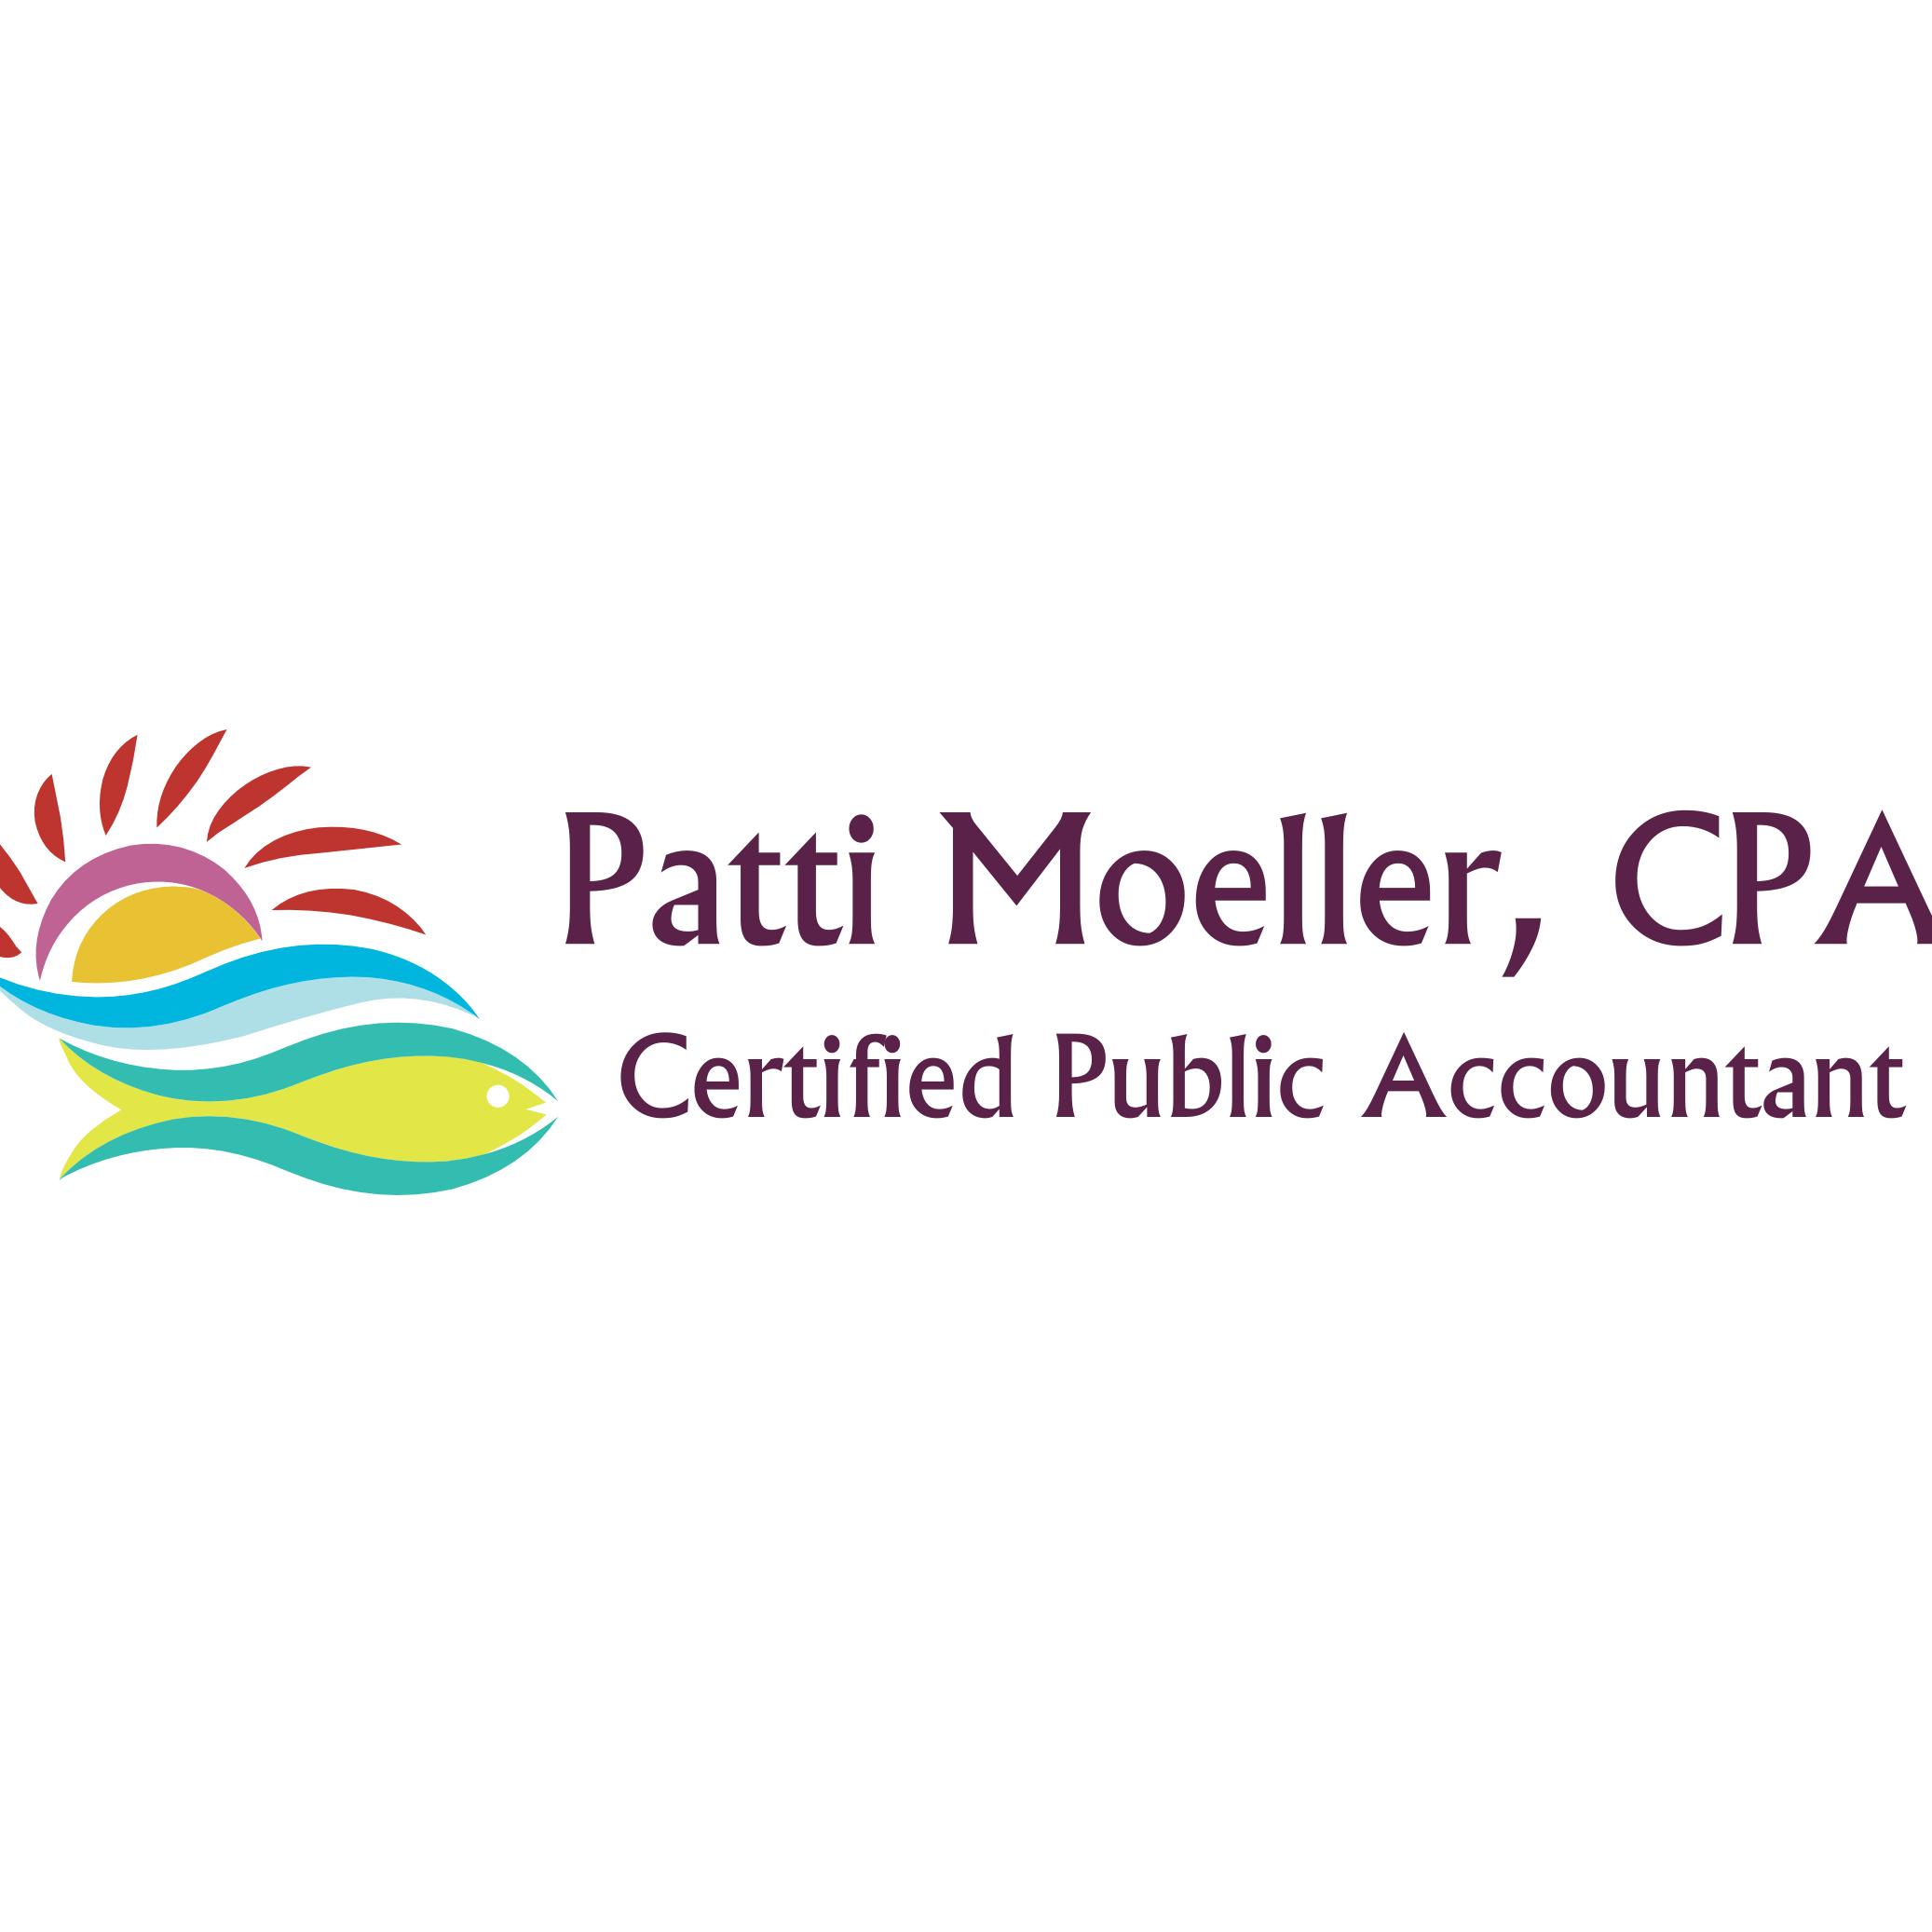 Patti Moeller CPA PA - Cape Canaveral, FL 32920 - (321)785-3125   ShowMeLocal.com